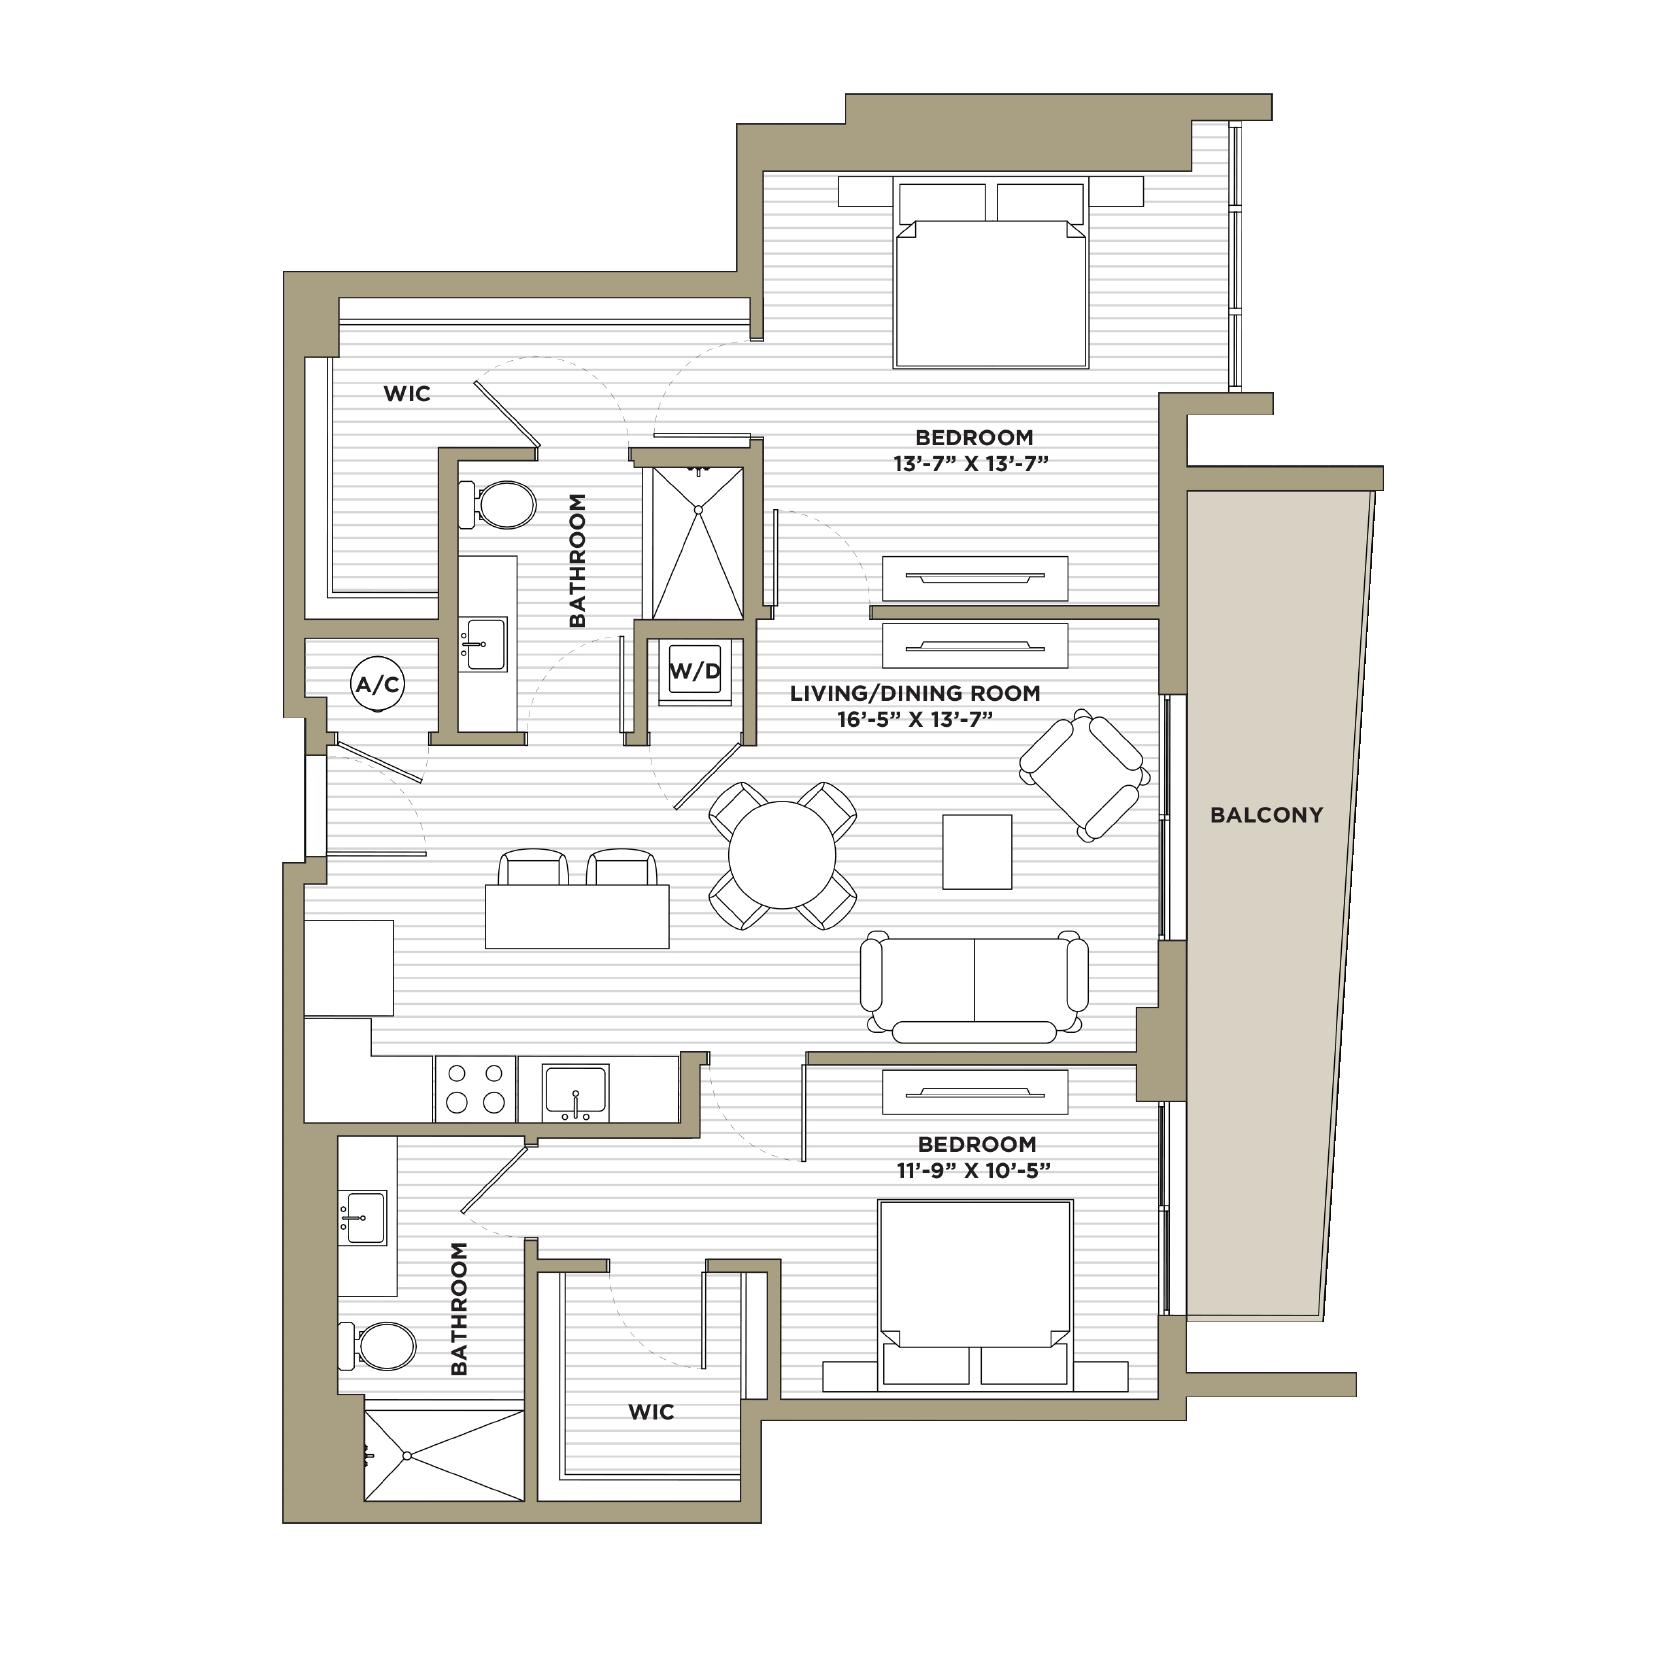 B12 - 2 Bedroom / 2 Bathroom1,126 sq. ft.